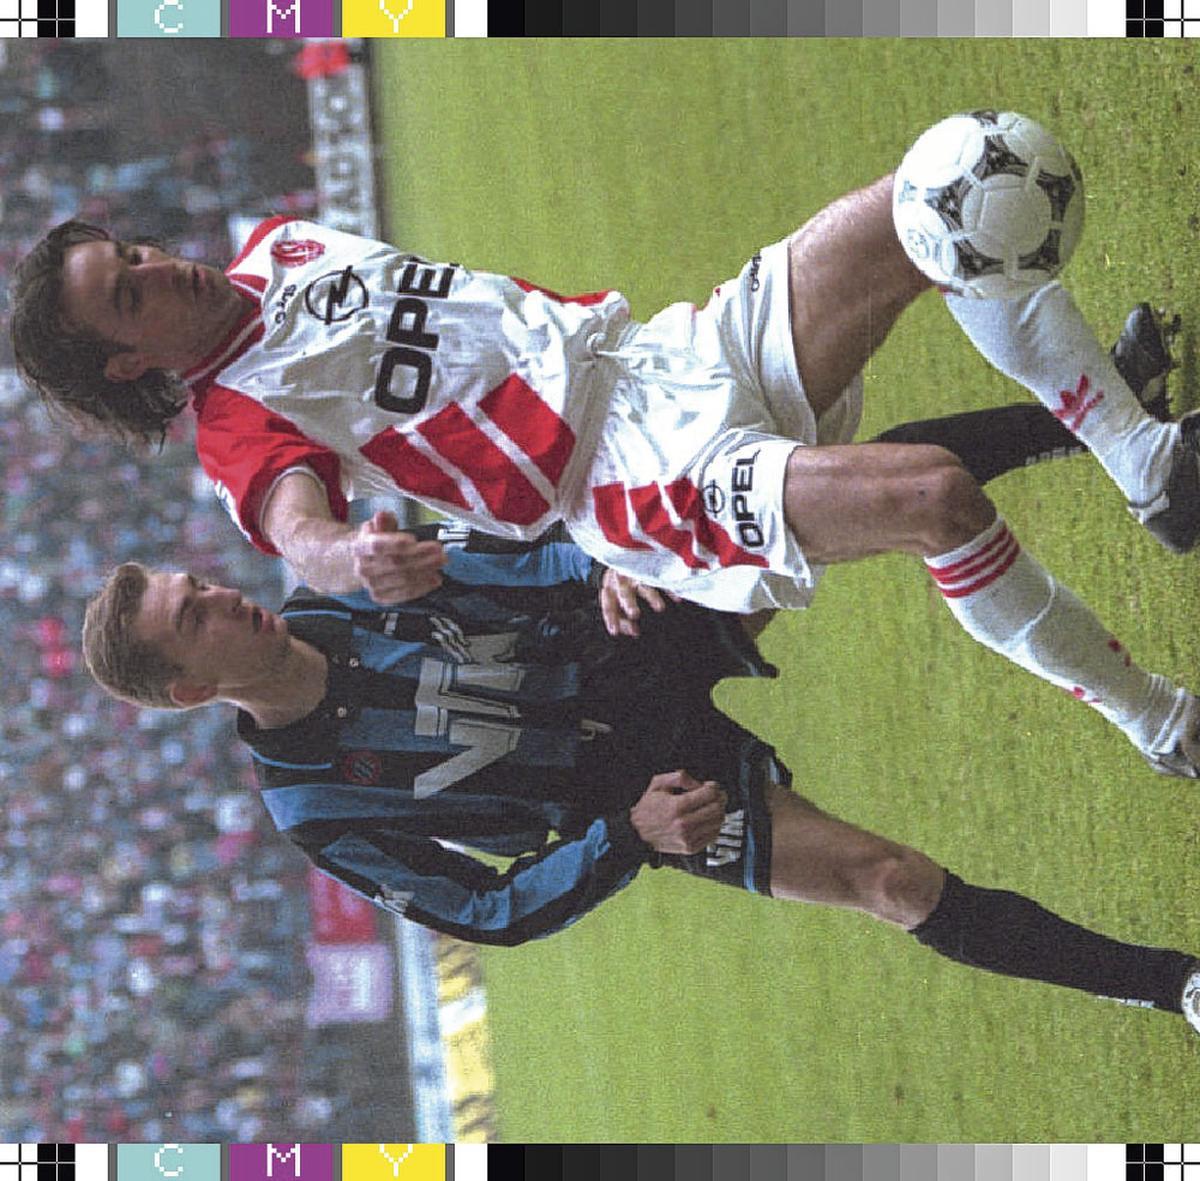 Aurelio Vidmar (1995), belgaimage